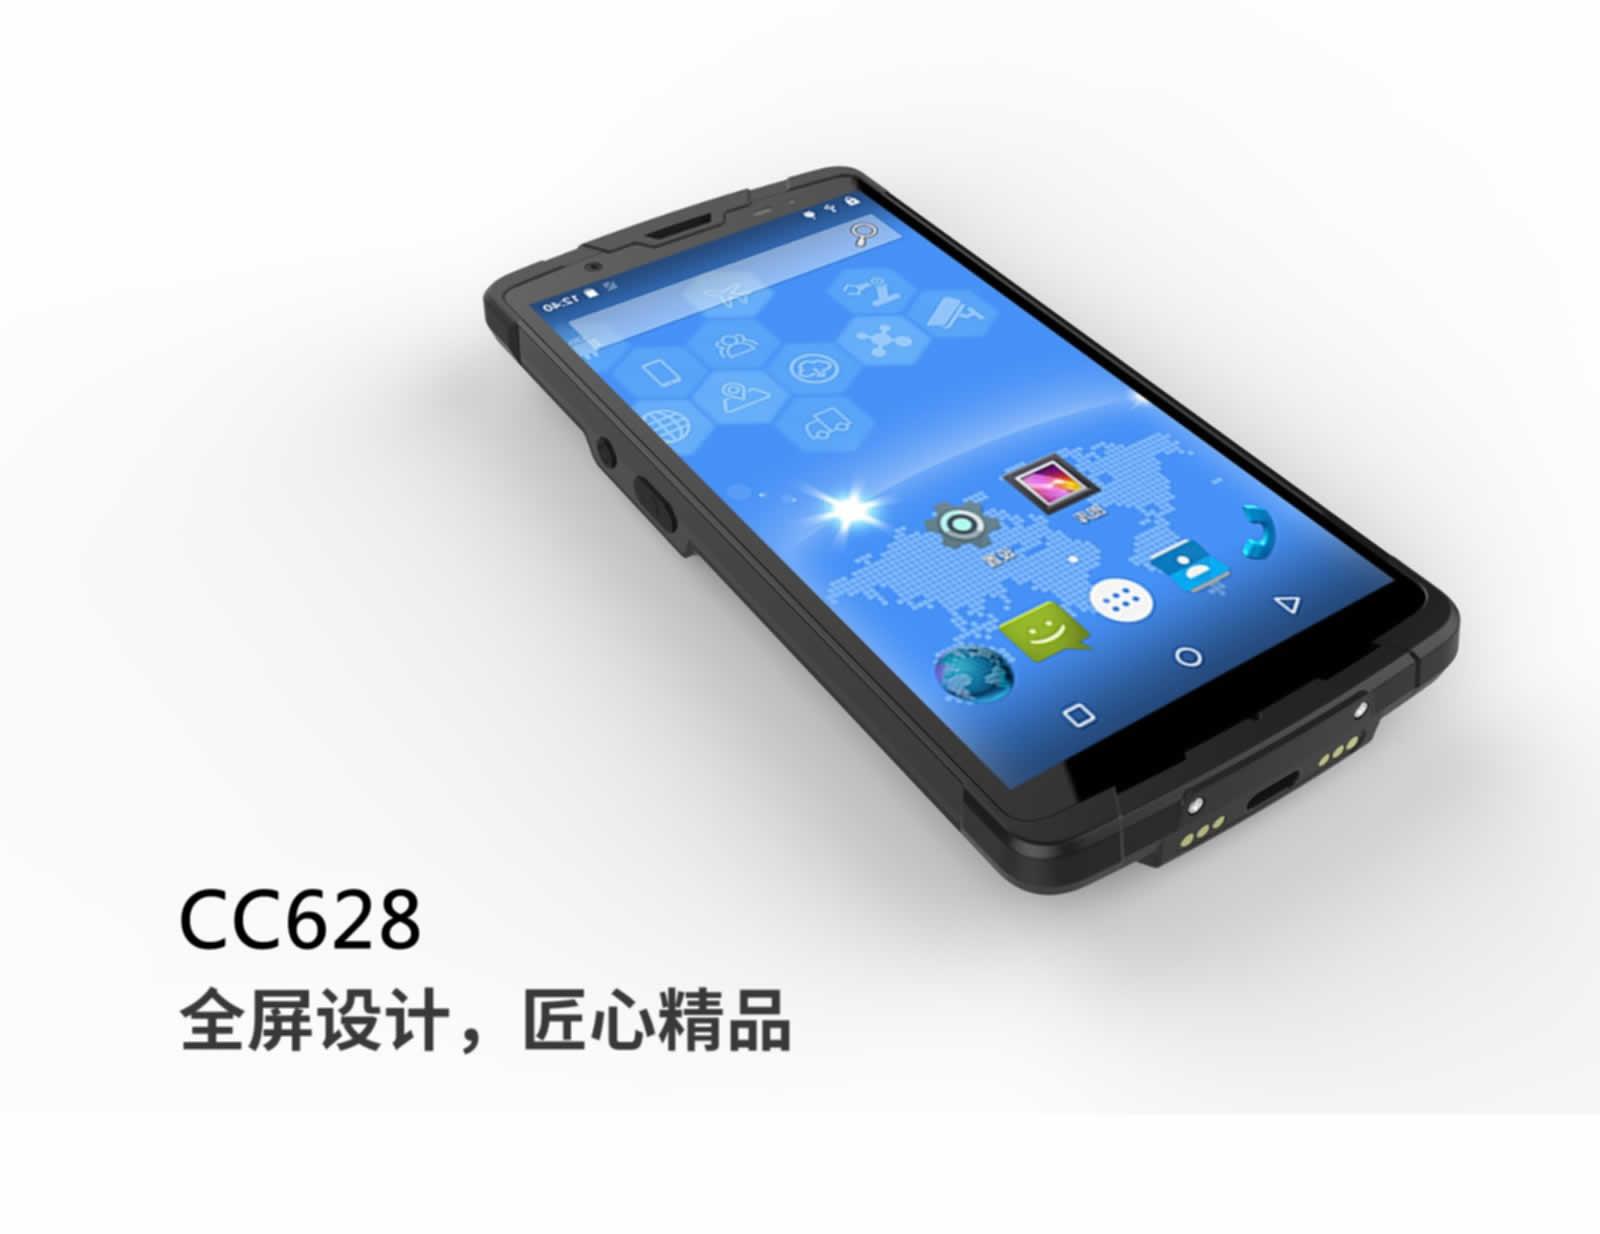 手持终端 Android CC628 可代开发APP